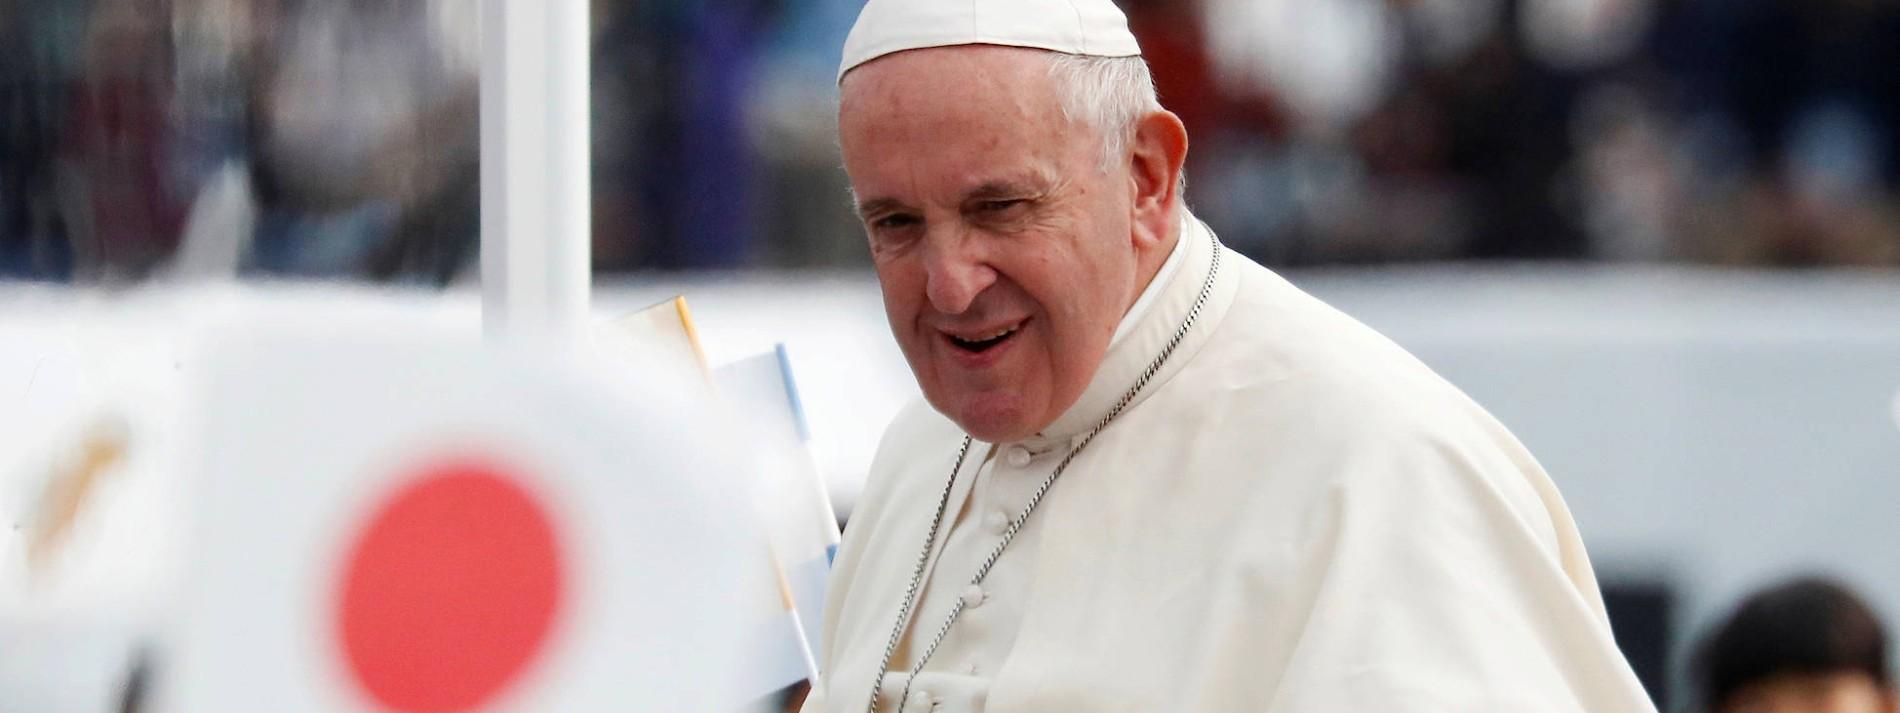 Papst fordert Abschaffung der Atomwaffen